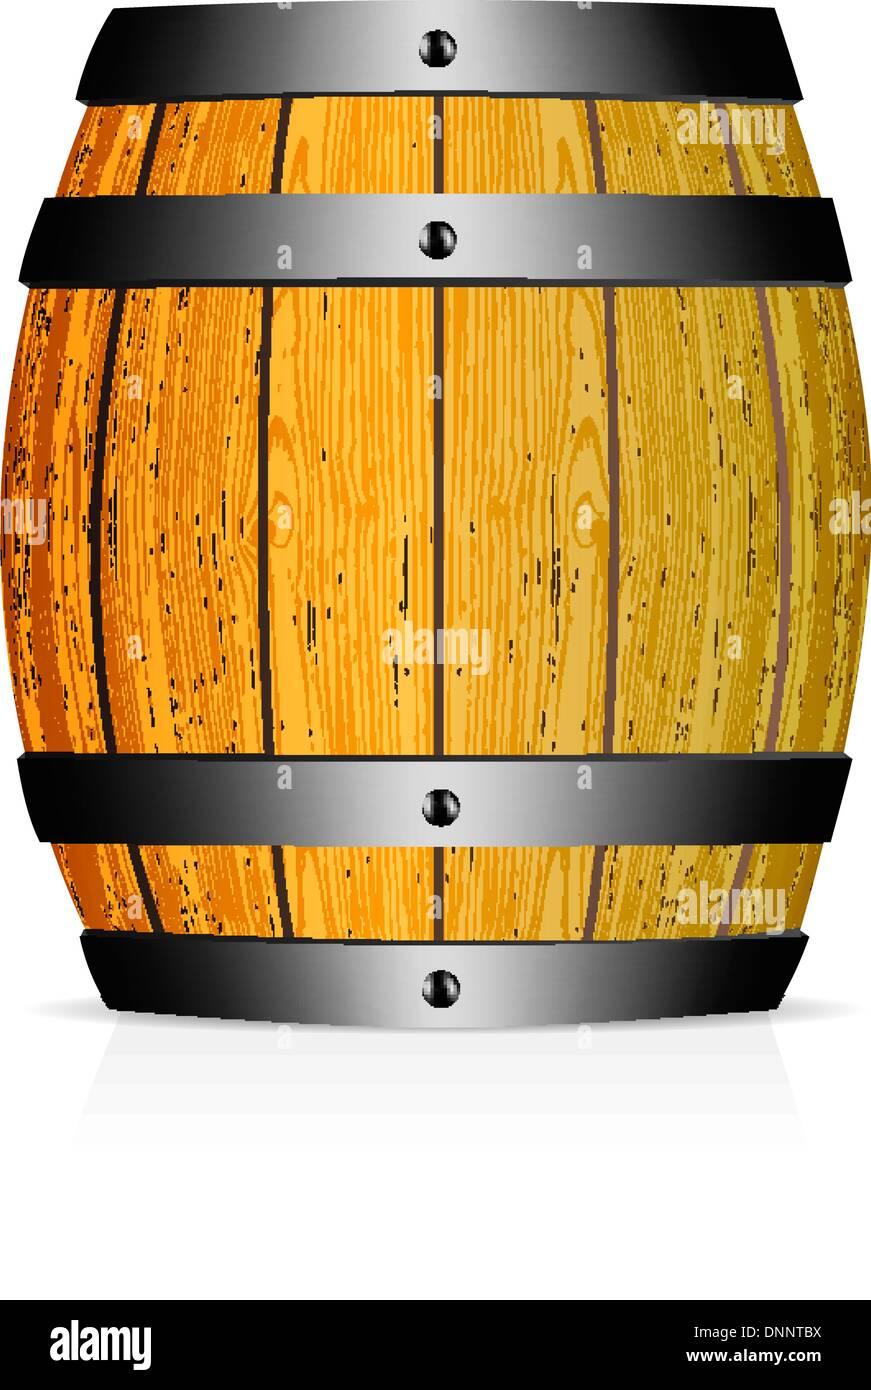 Barril de madera ilustración vectorial sobre fondo blanco. Imagen De Stock